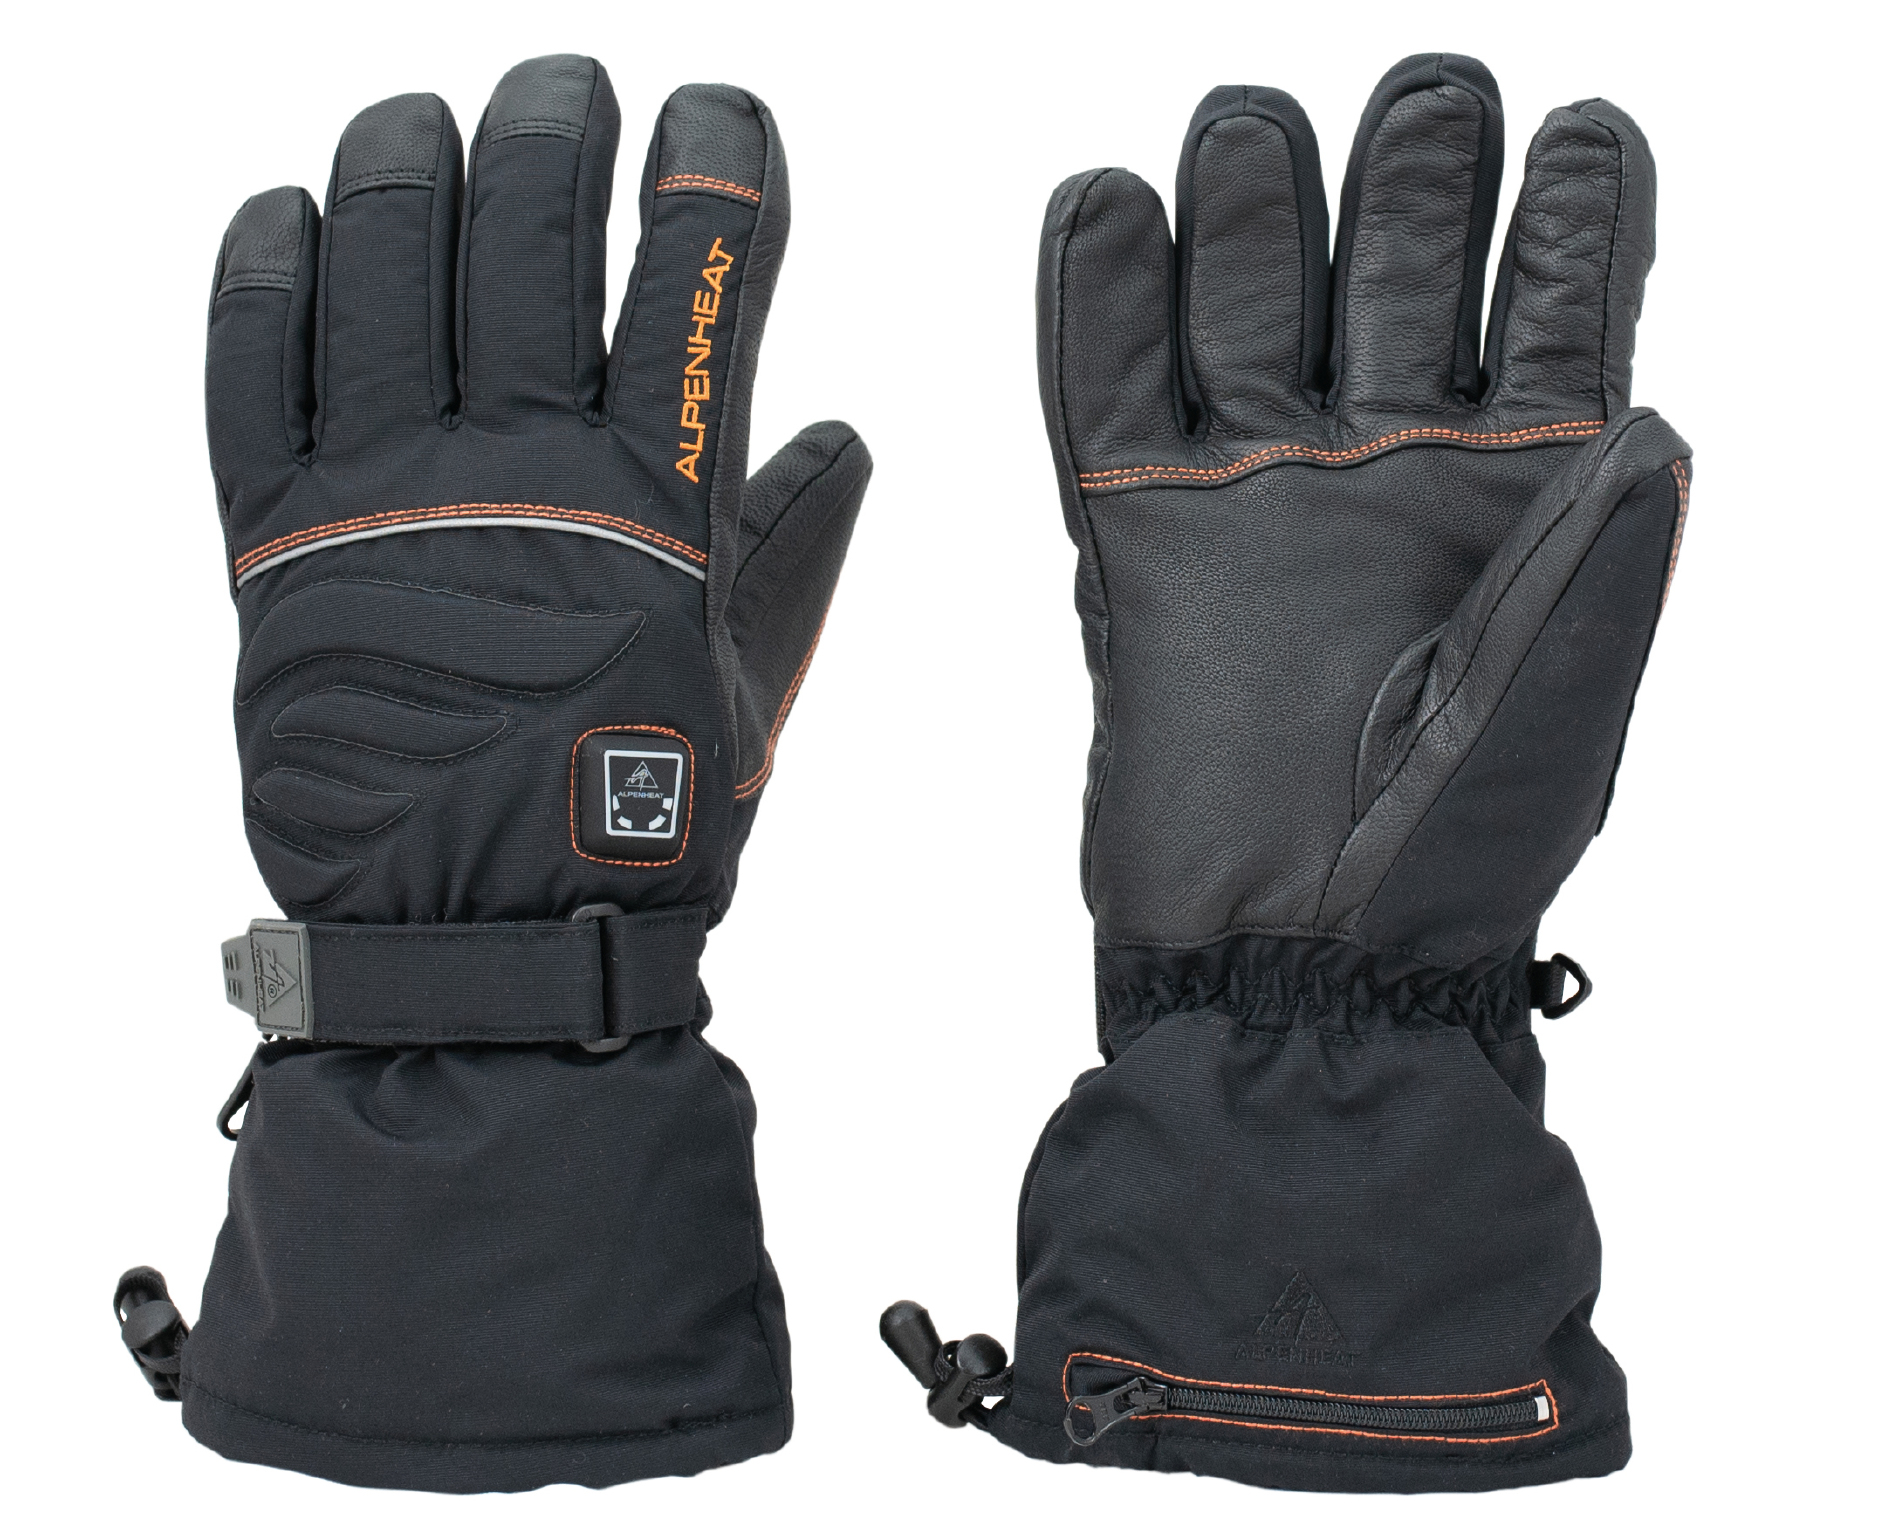 Vyhrievané rukavice Alpenheat Fire-Glove  S